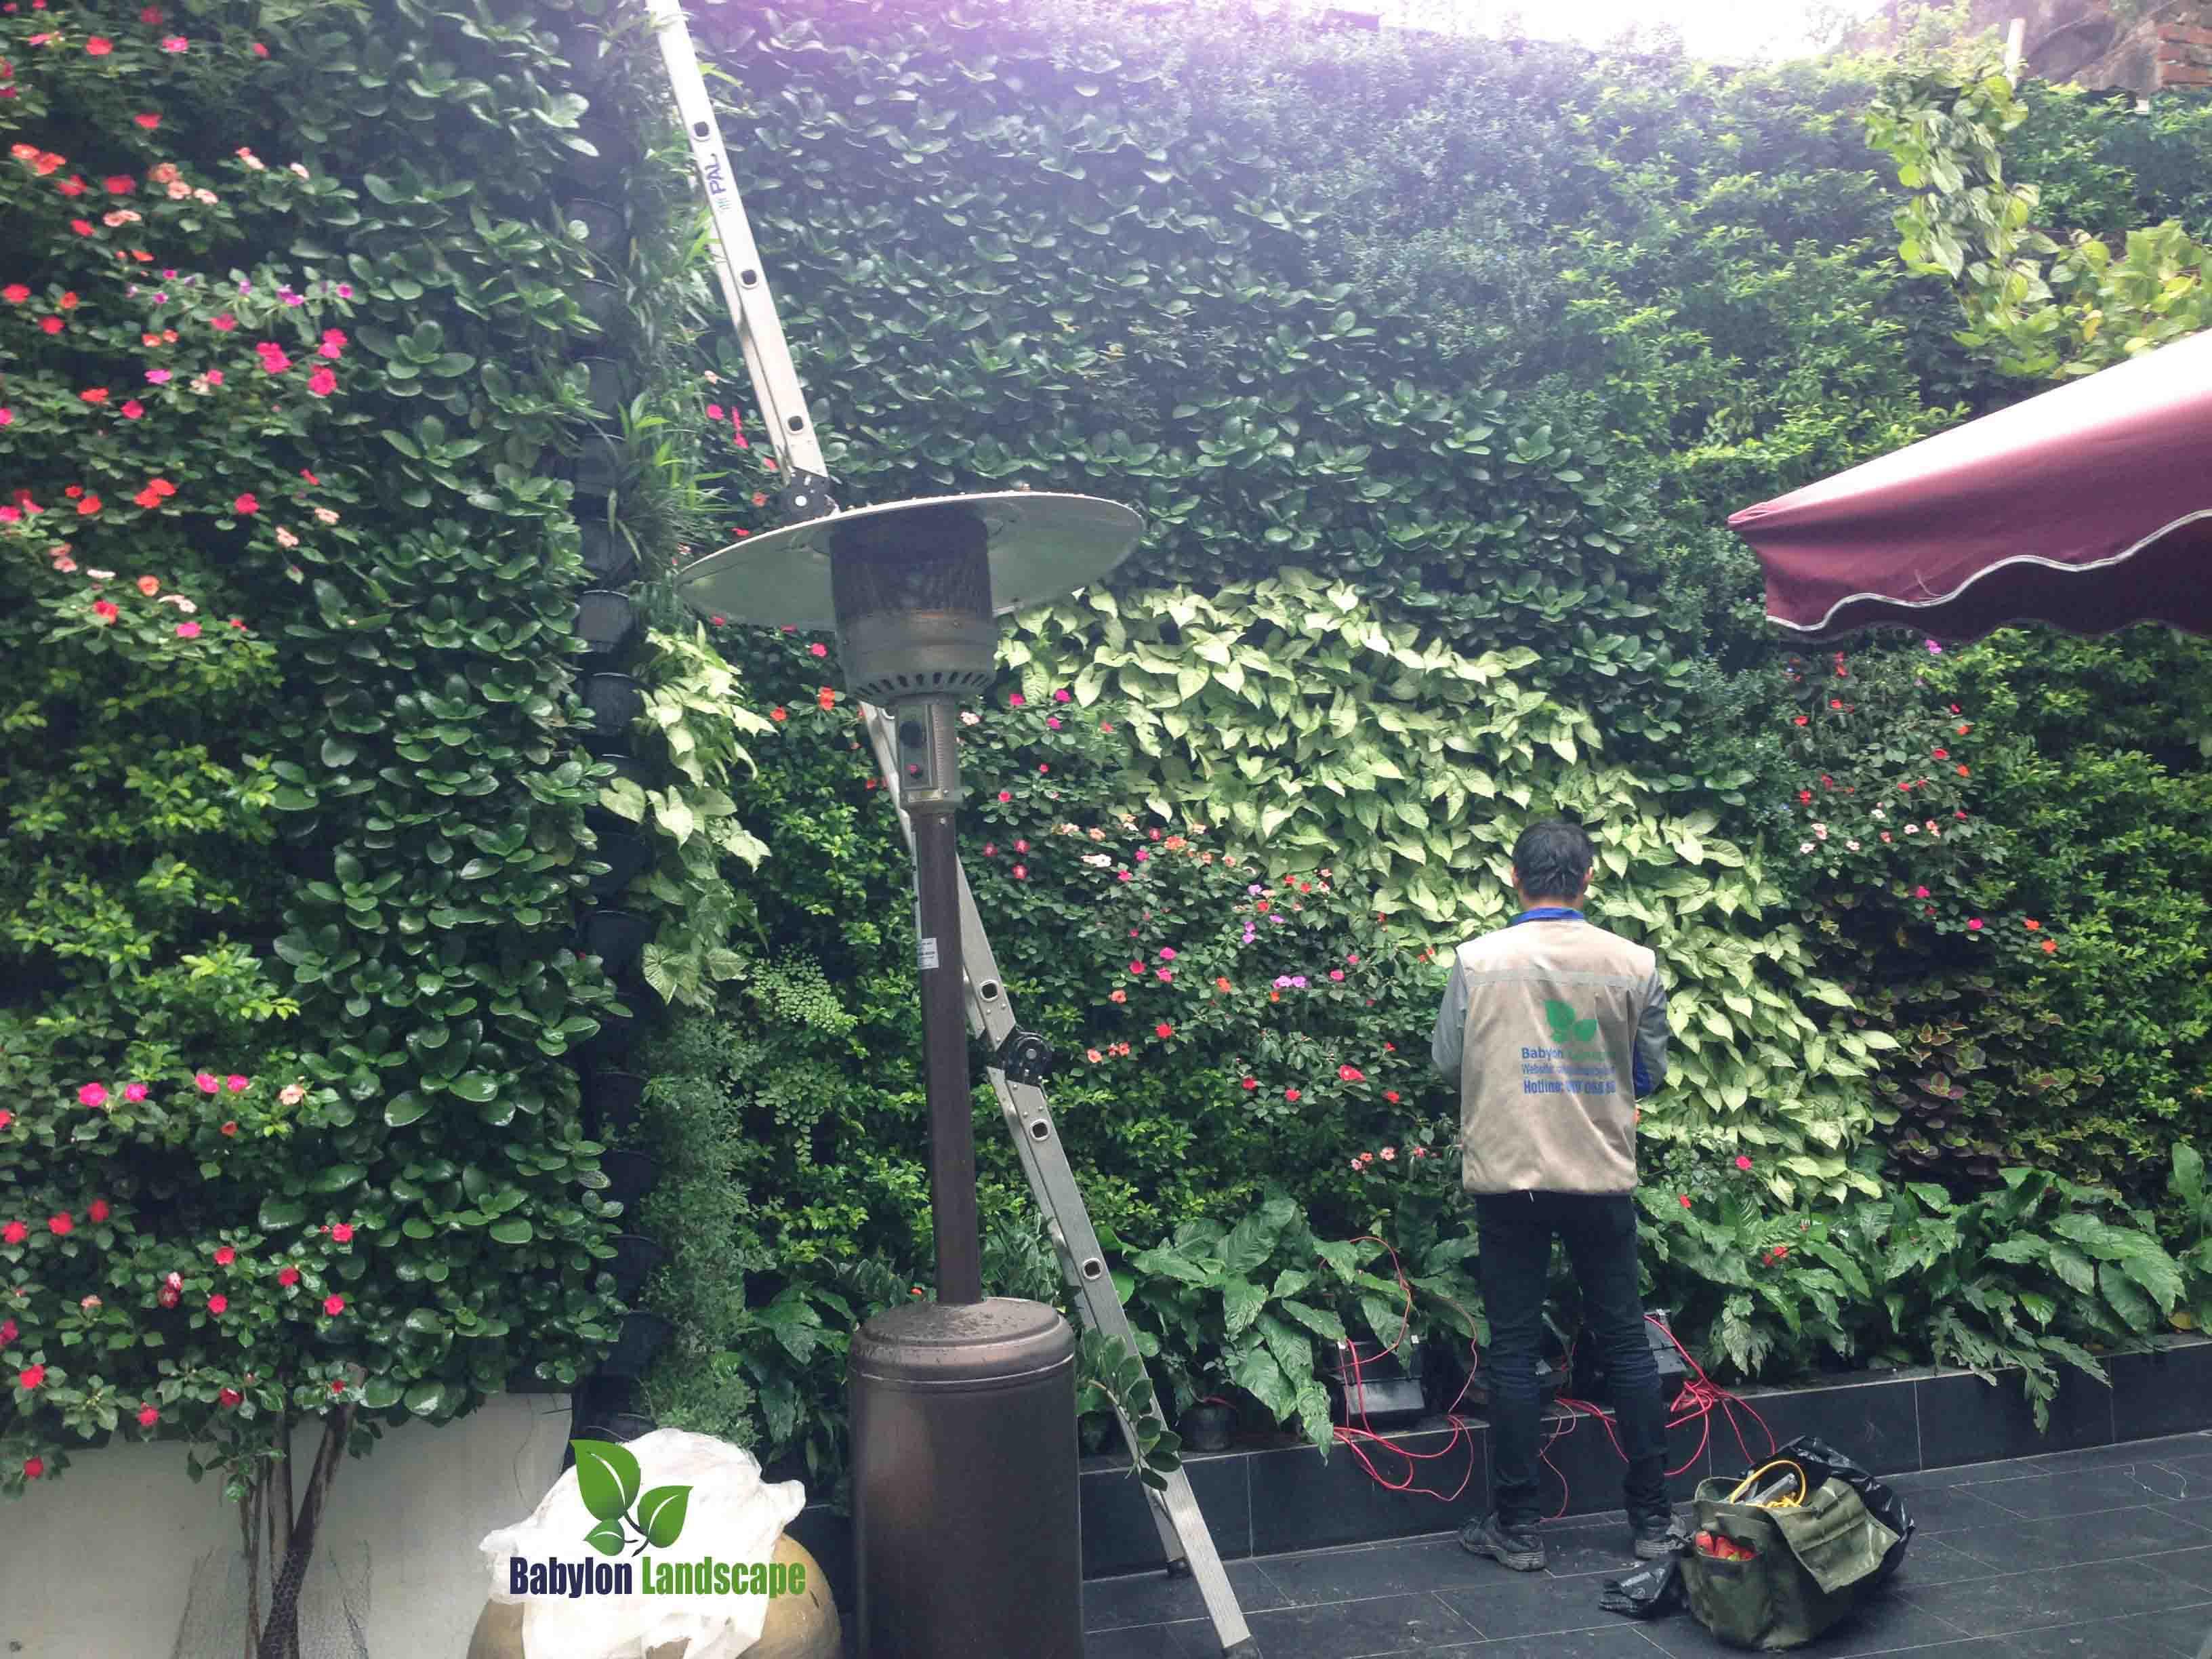 chăm sóc bảo trì vườn thẳng đứng